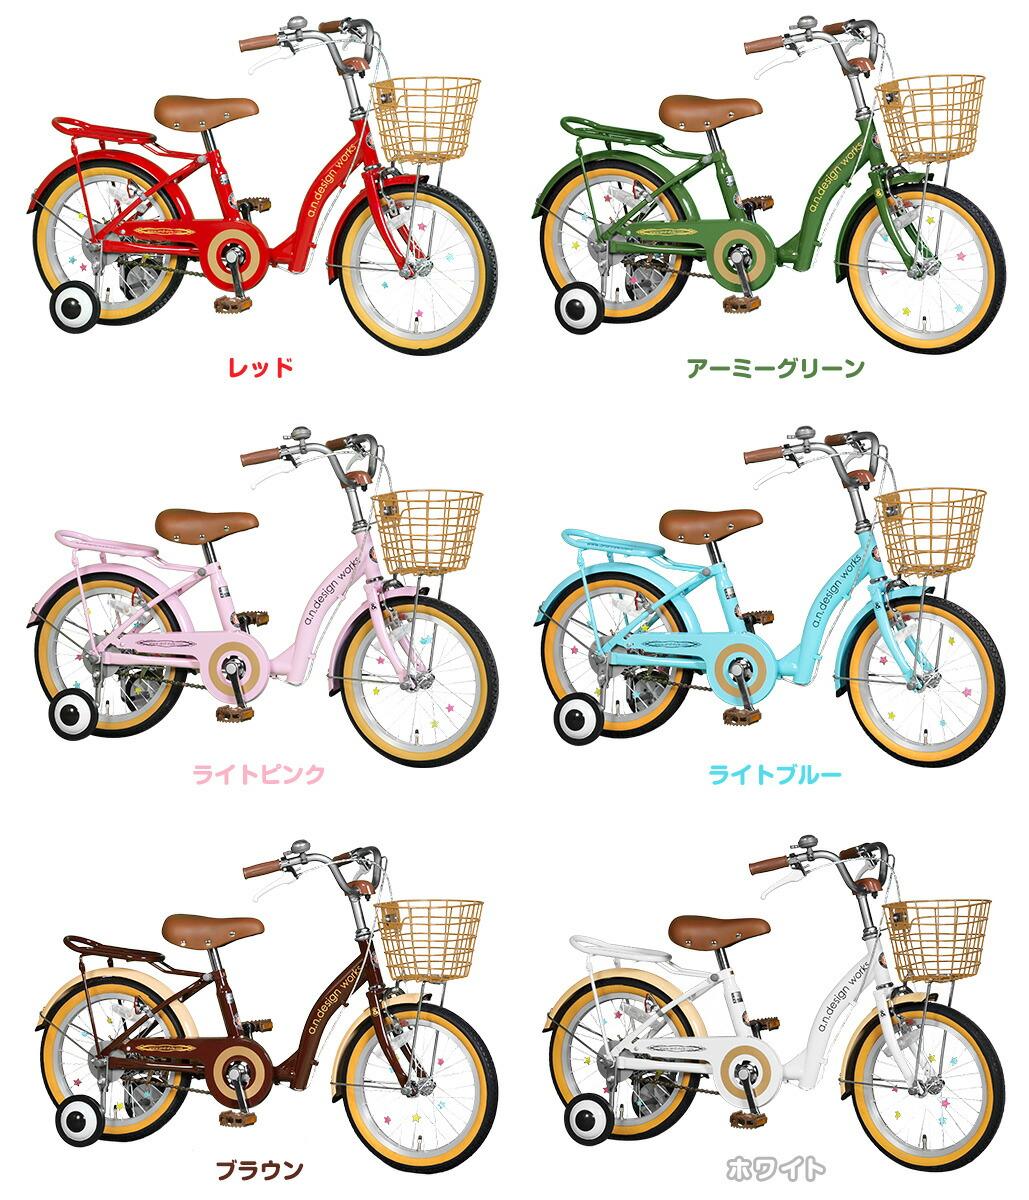 自転車の 自転車 おしゃれ : ... おしゃれ おすすめ かご 自転車